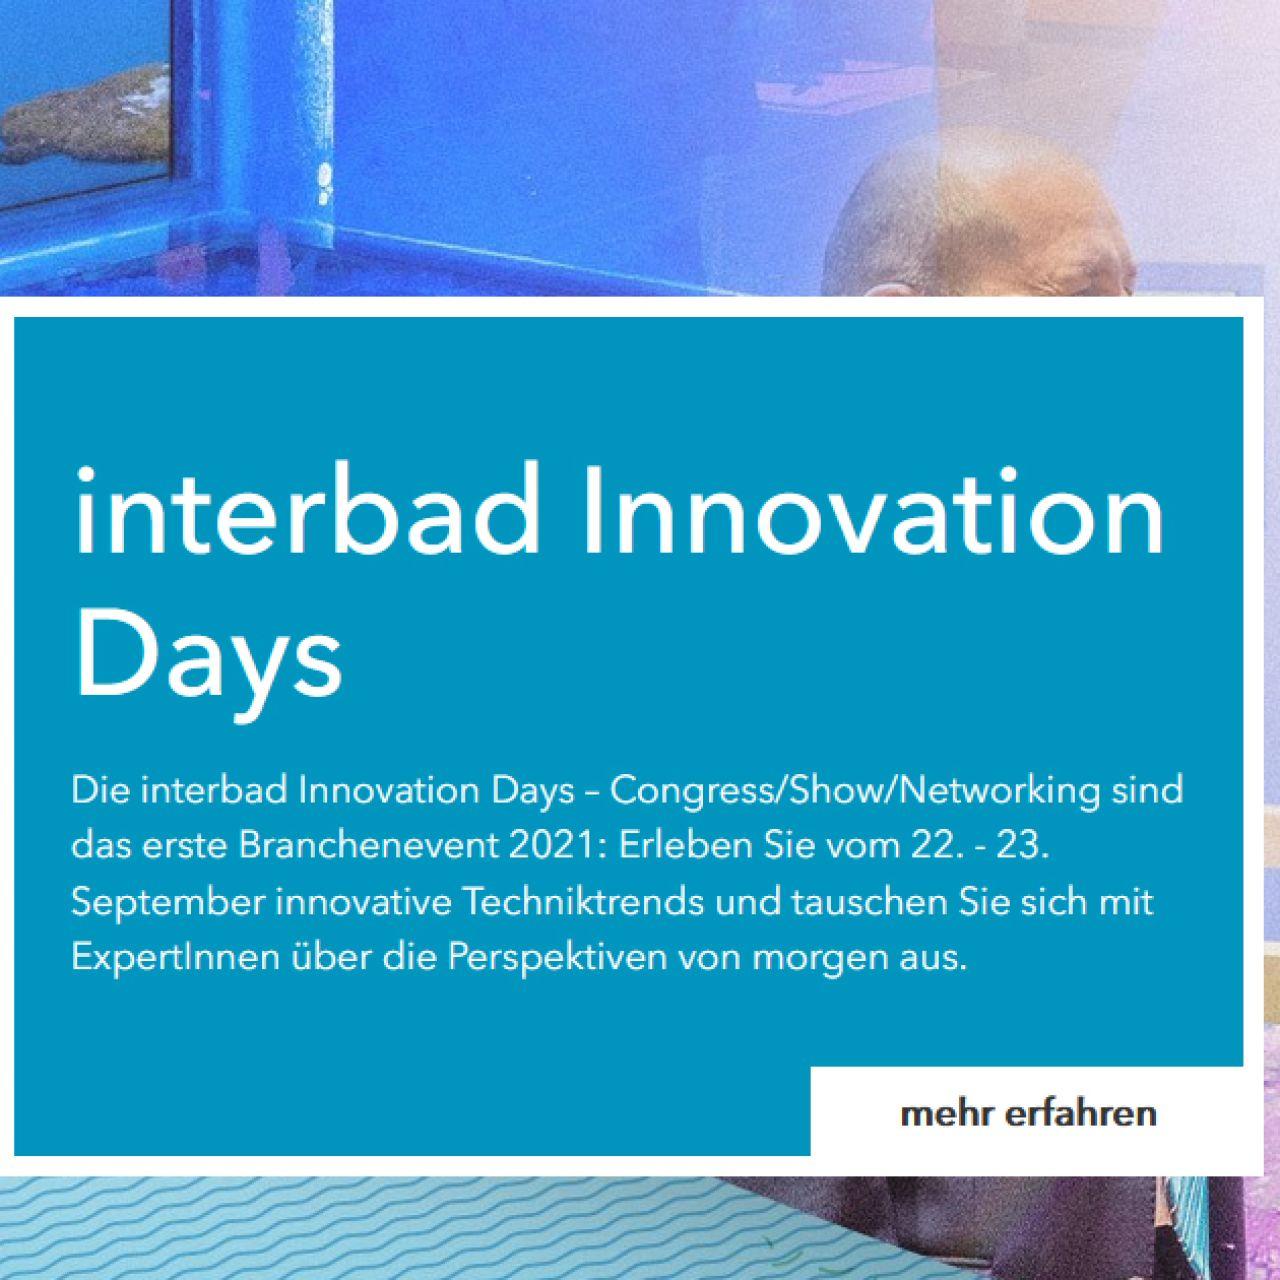 interbad findet 2021 als Innovation Days statt